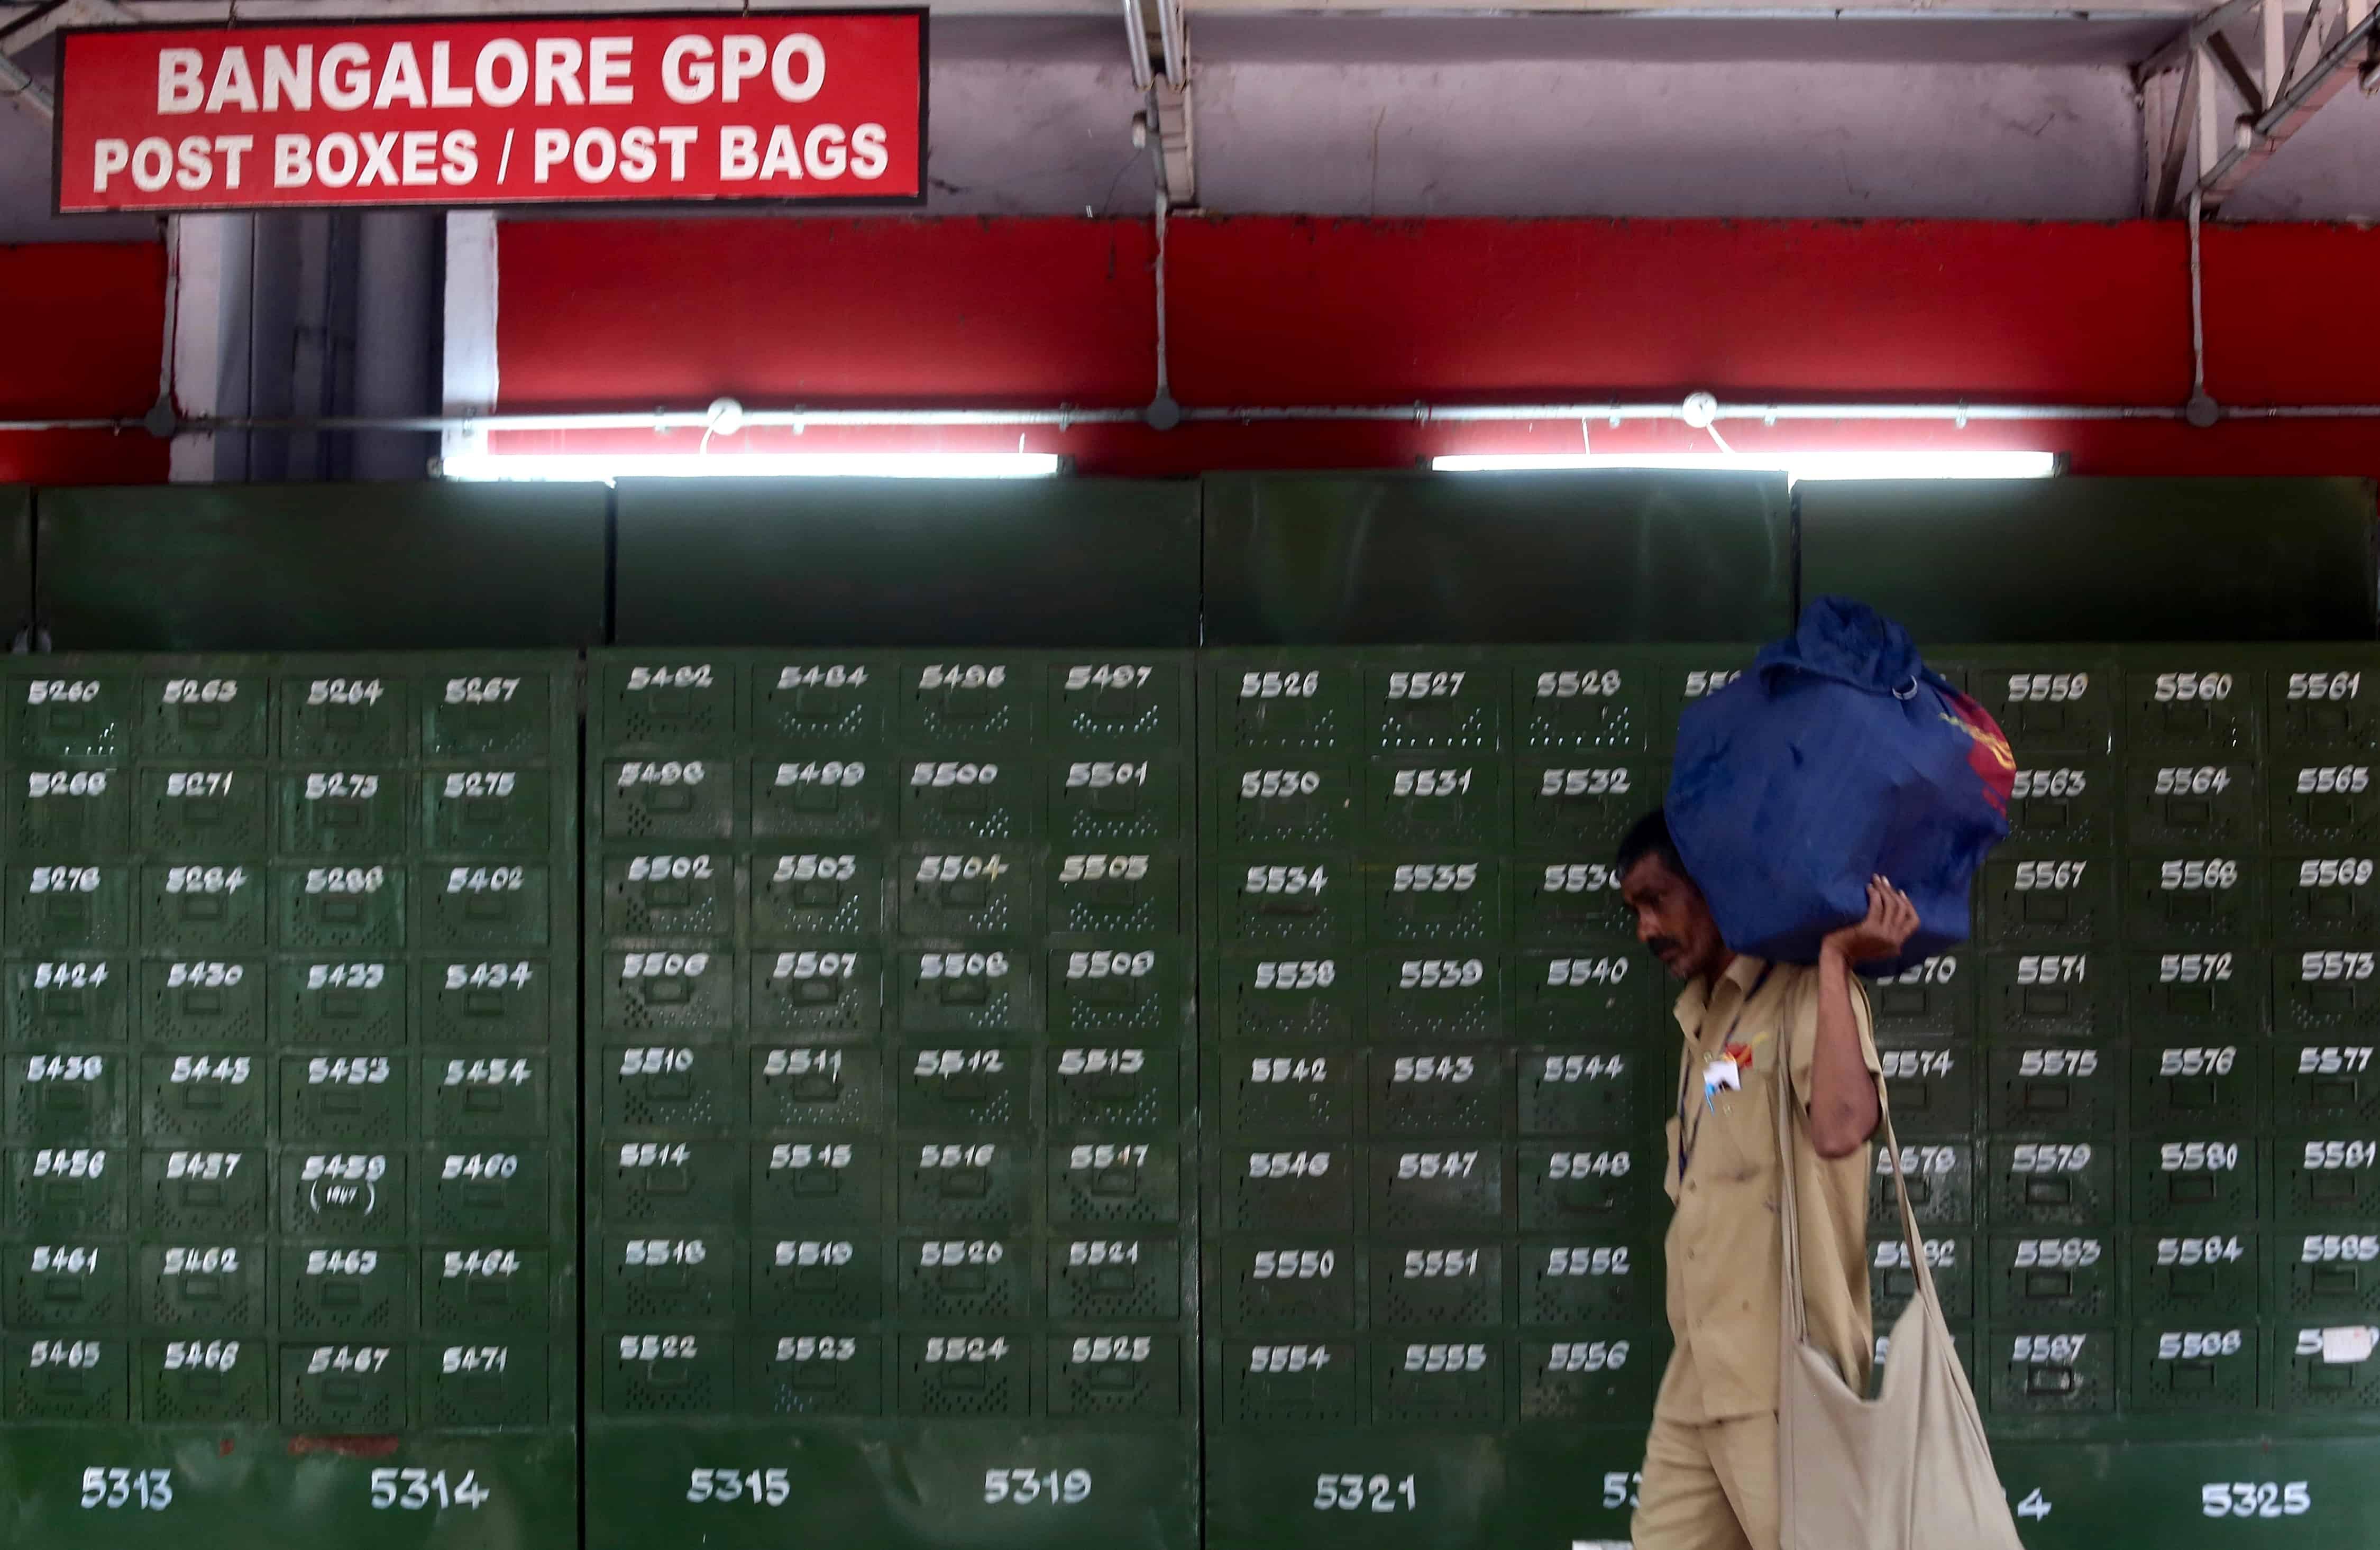 Een man loopt met een zak langs brievenbussen van een postkantoor in India.